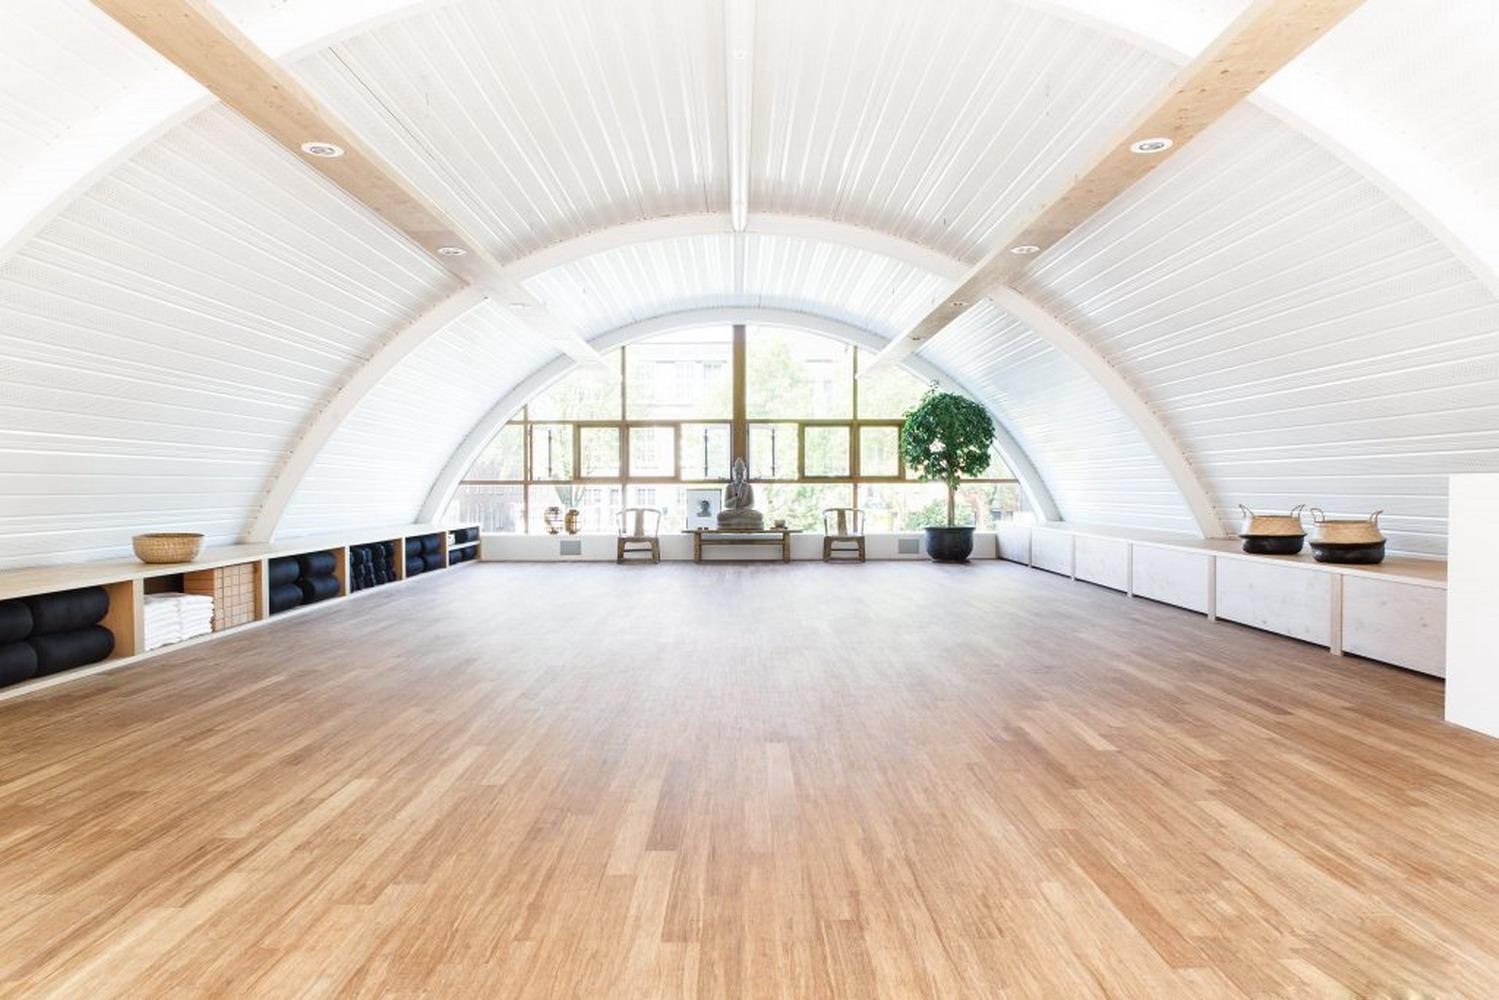 简约印式瑜伽馆室内装修效果图